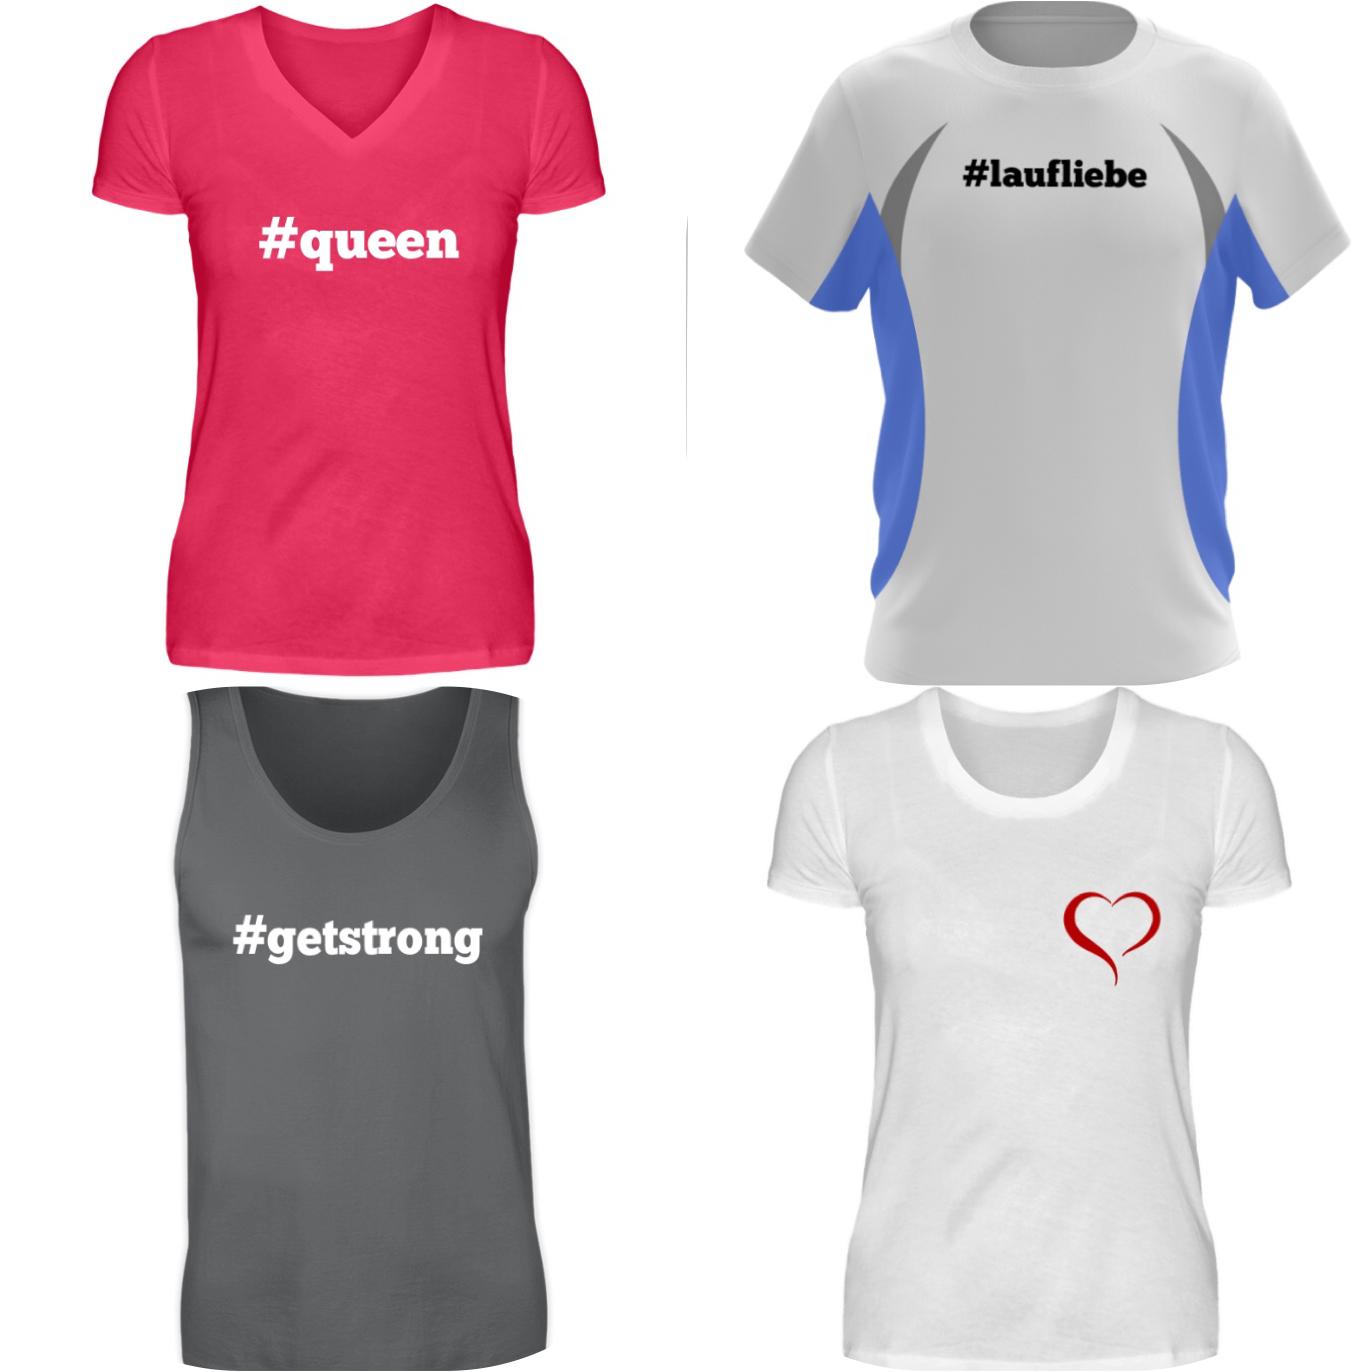 5€ Rabatt auf modern designte T-Shirts / Laufshirts und mehr